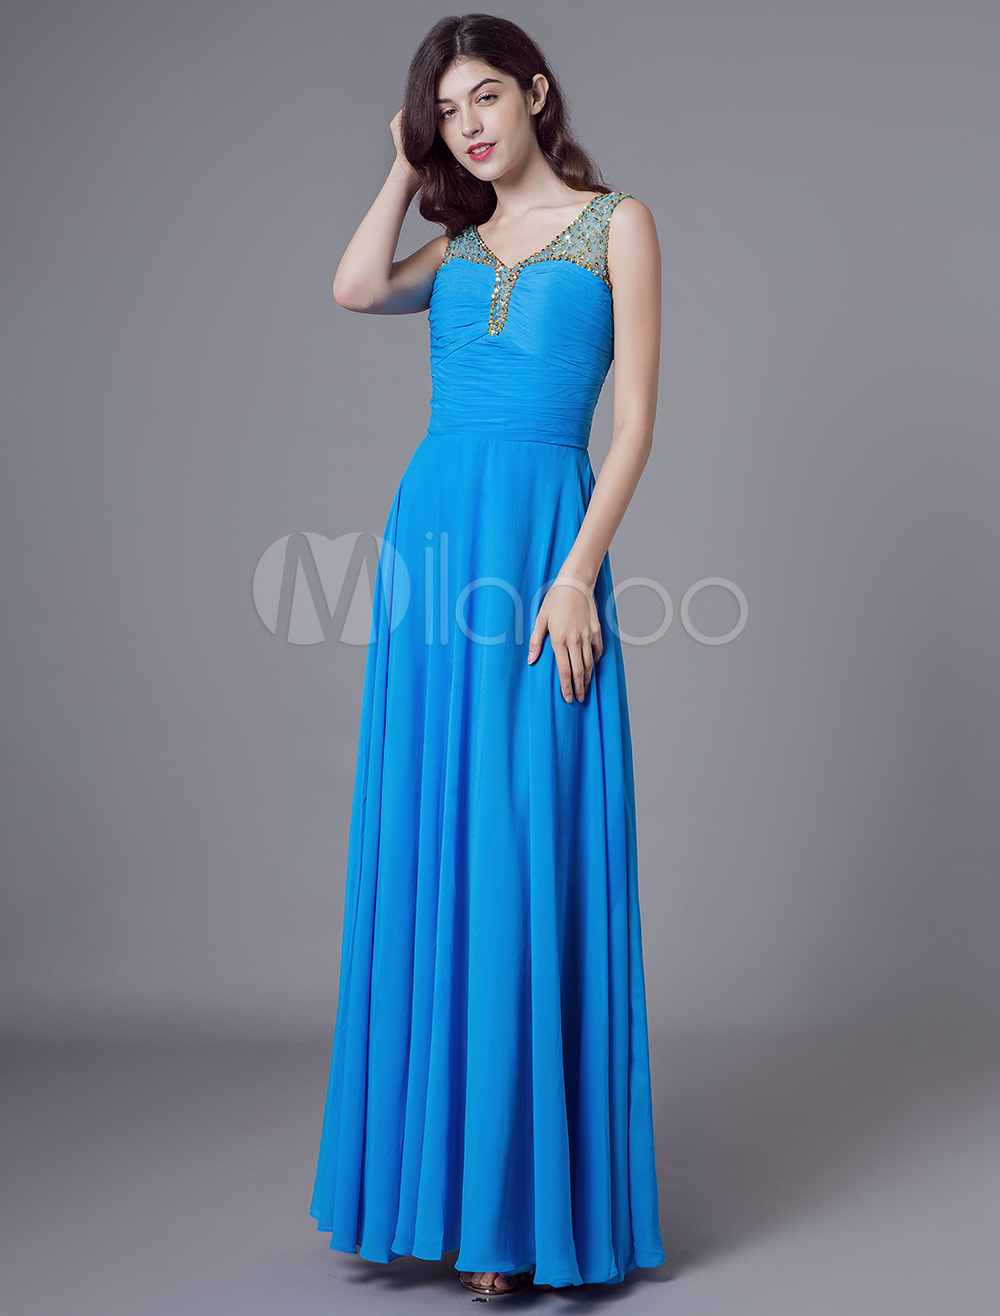 cheaper f456c ce712 Abiti da sera blu Chiffon bordare lungo abito da ballo scollo a V maxi  abiti da cerimonia